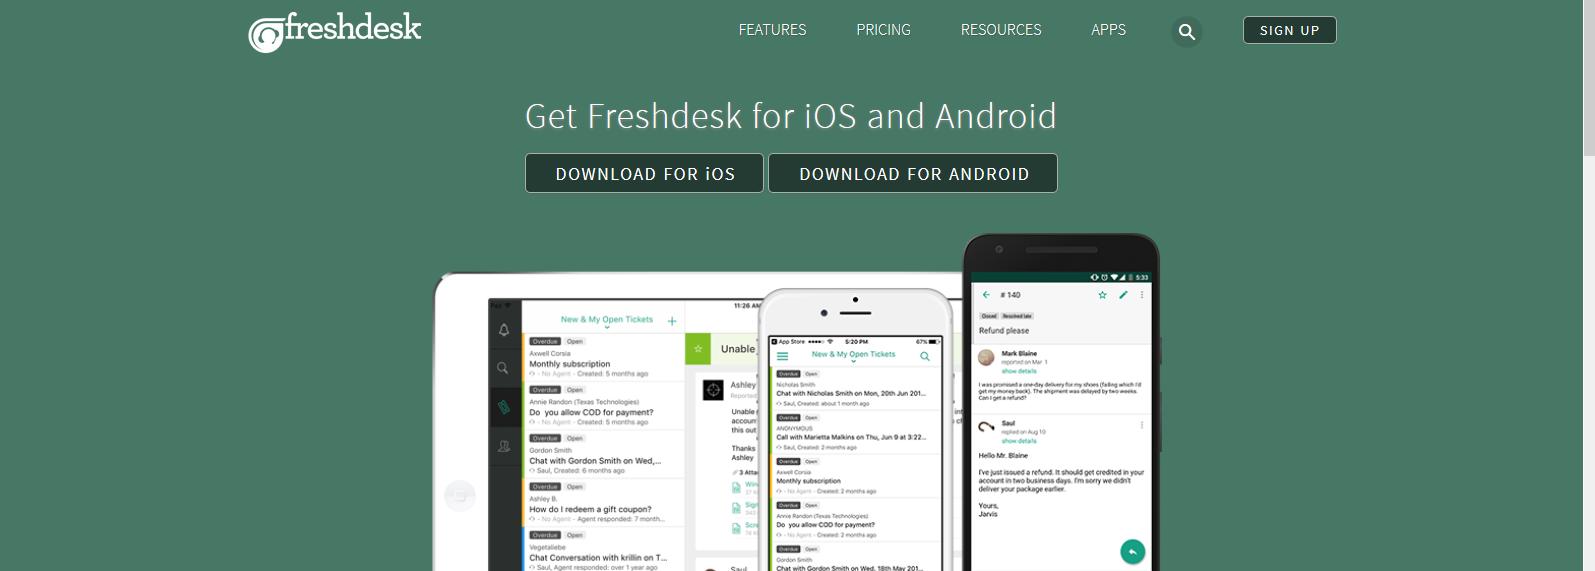 Freshdesk Mobile Apps